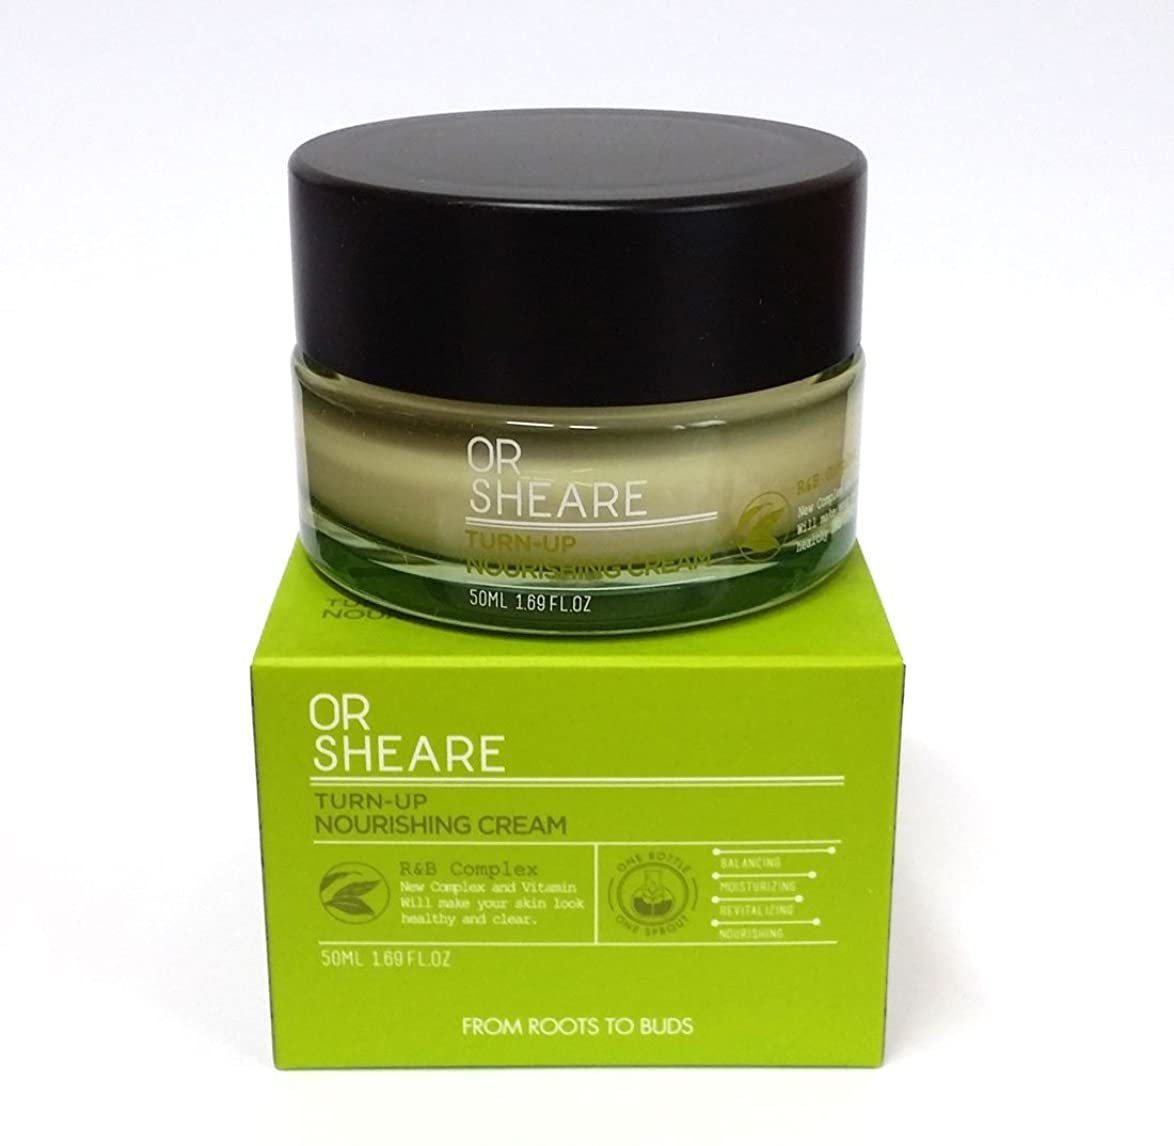 疫病認識書く[BELOVE] ORSHEAREターンアップ栄養クリーム50ml /バランス、保湿、活性化、栄養 / 韓国化粧品 / Korean Cosmetics [並行輸入品]